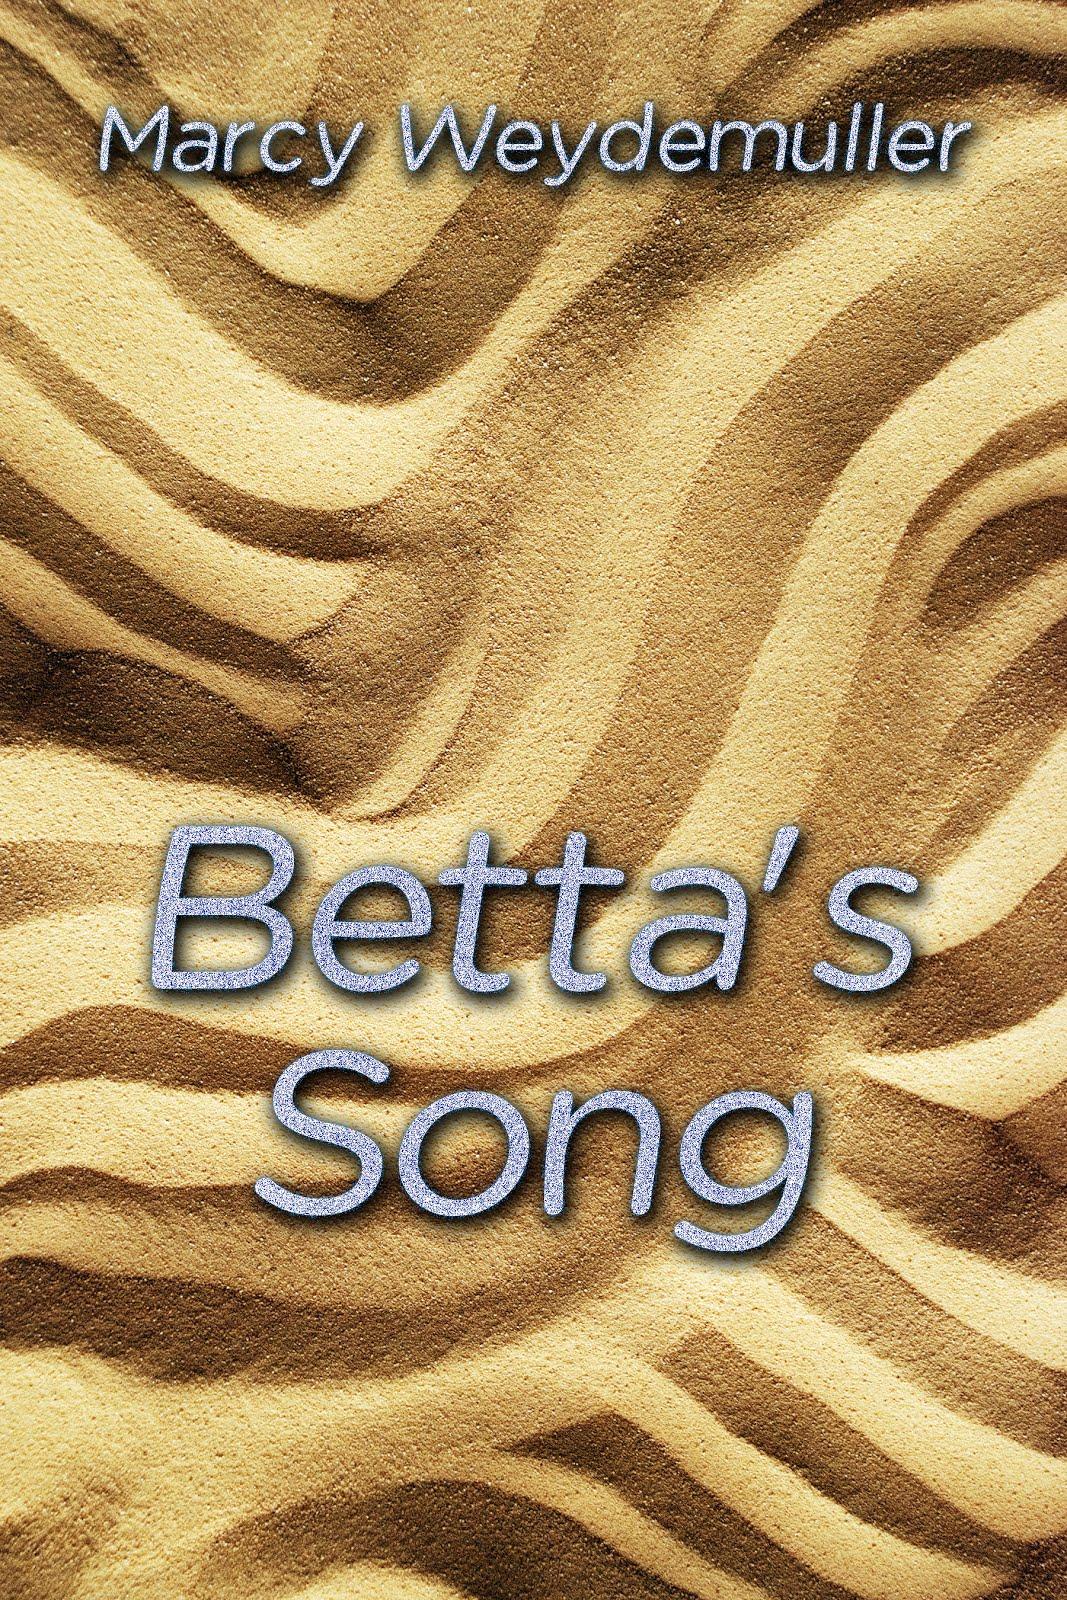 Betta's Song